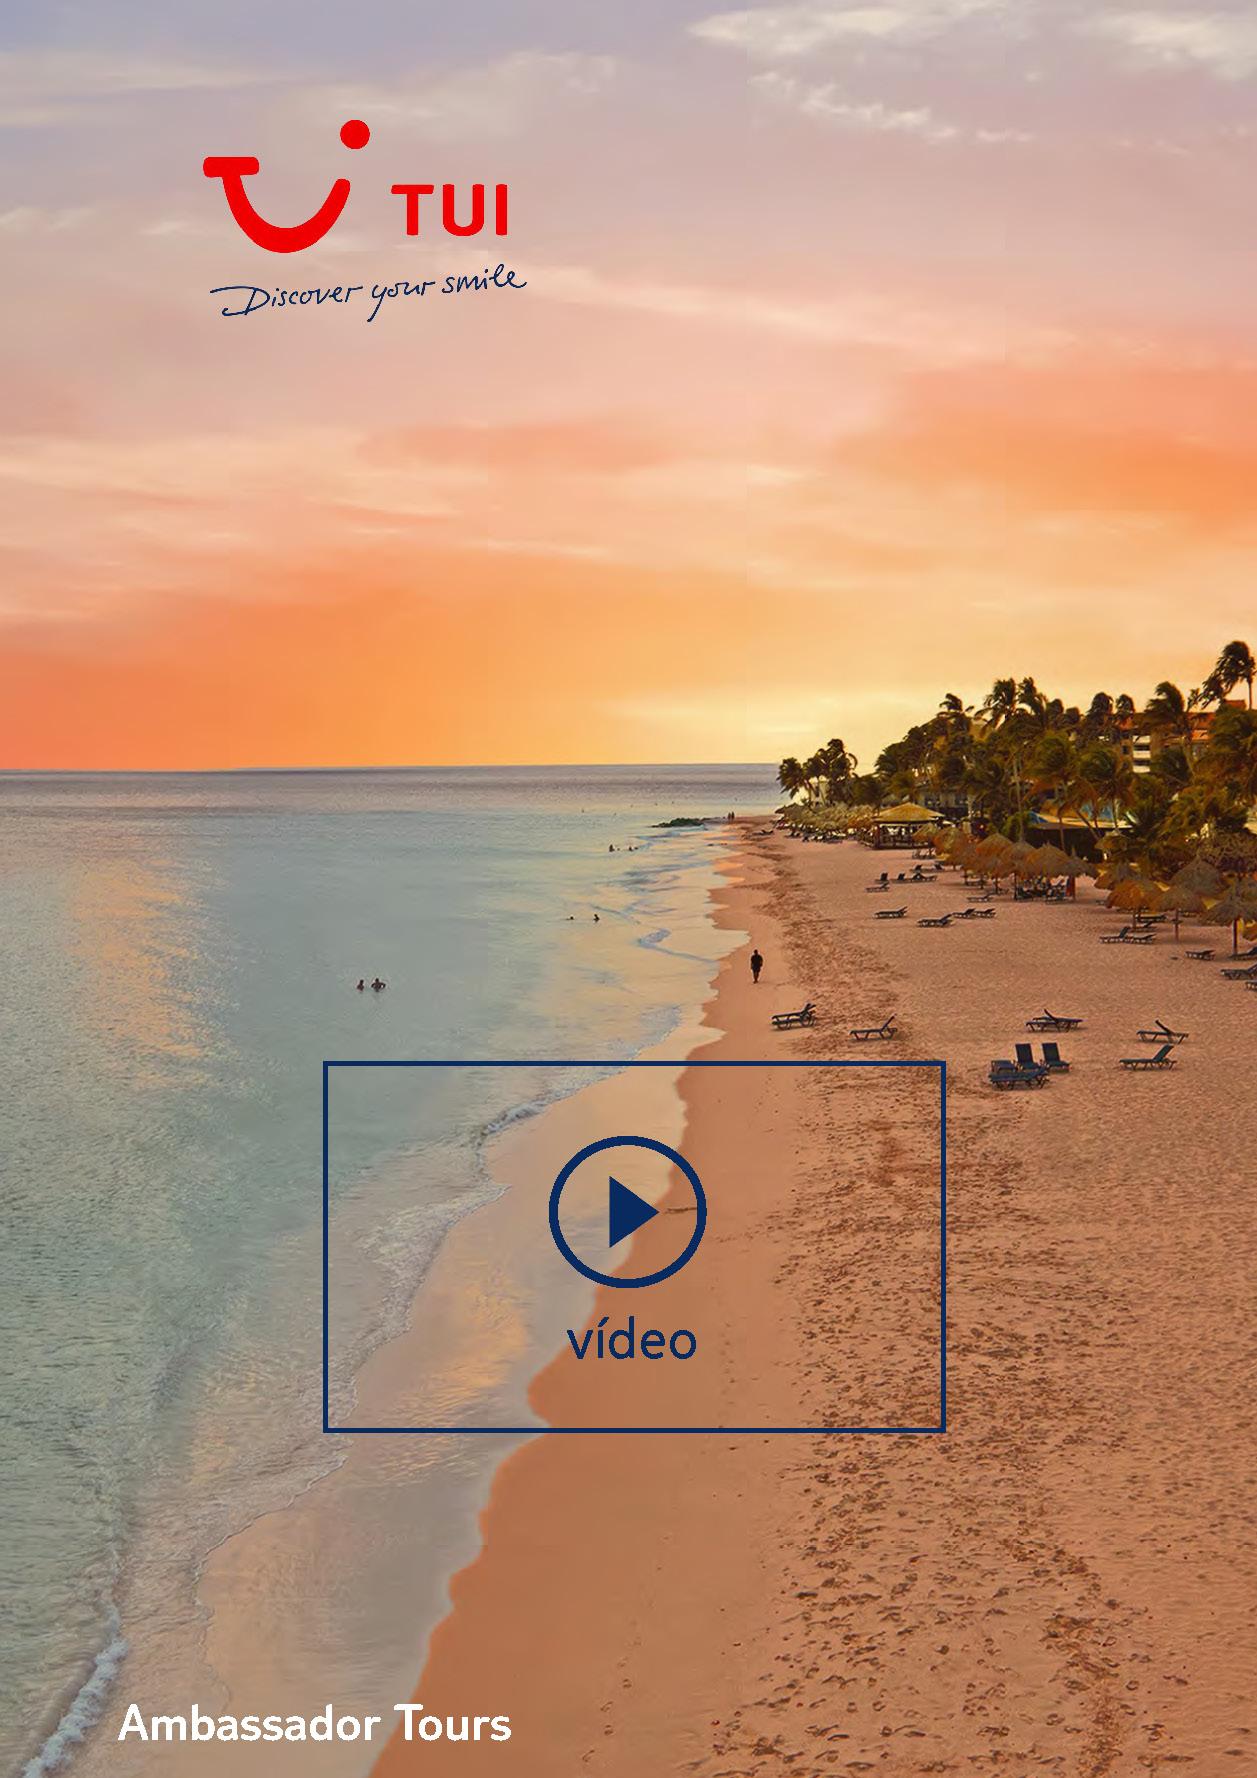 Video TUI Aruba 1